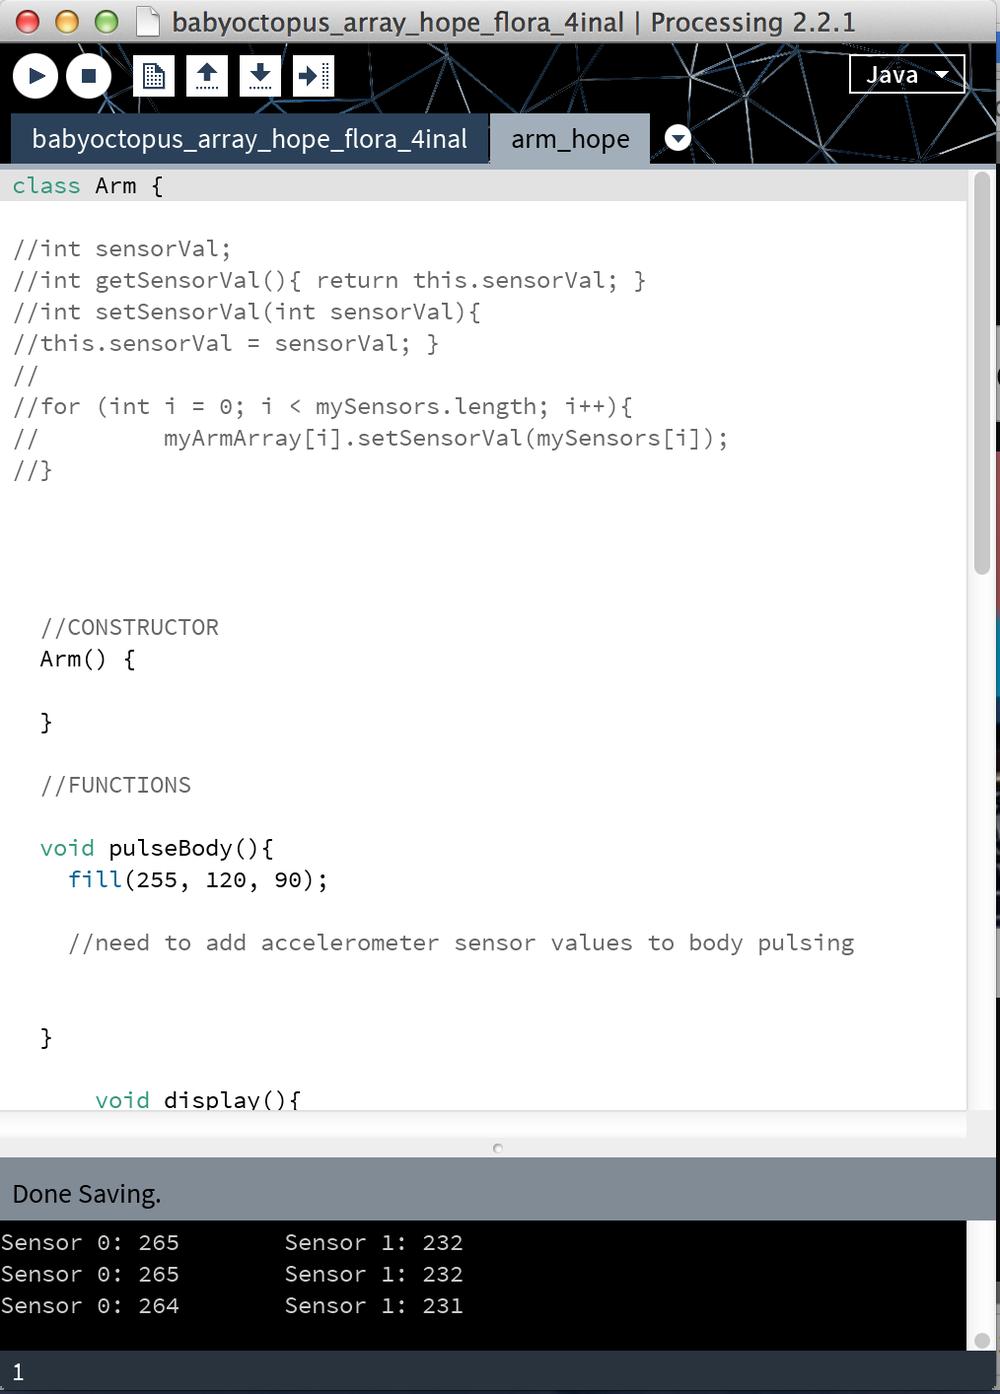 Screen Shot 2014-10-15 at 10.34.41 PM.png